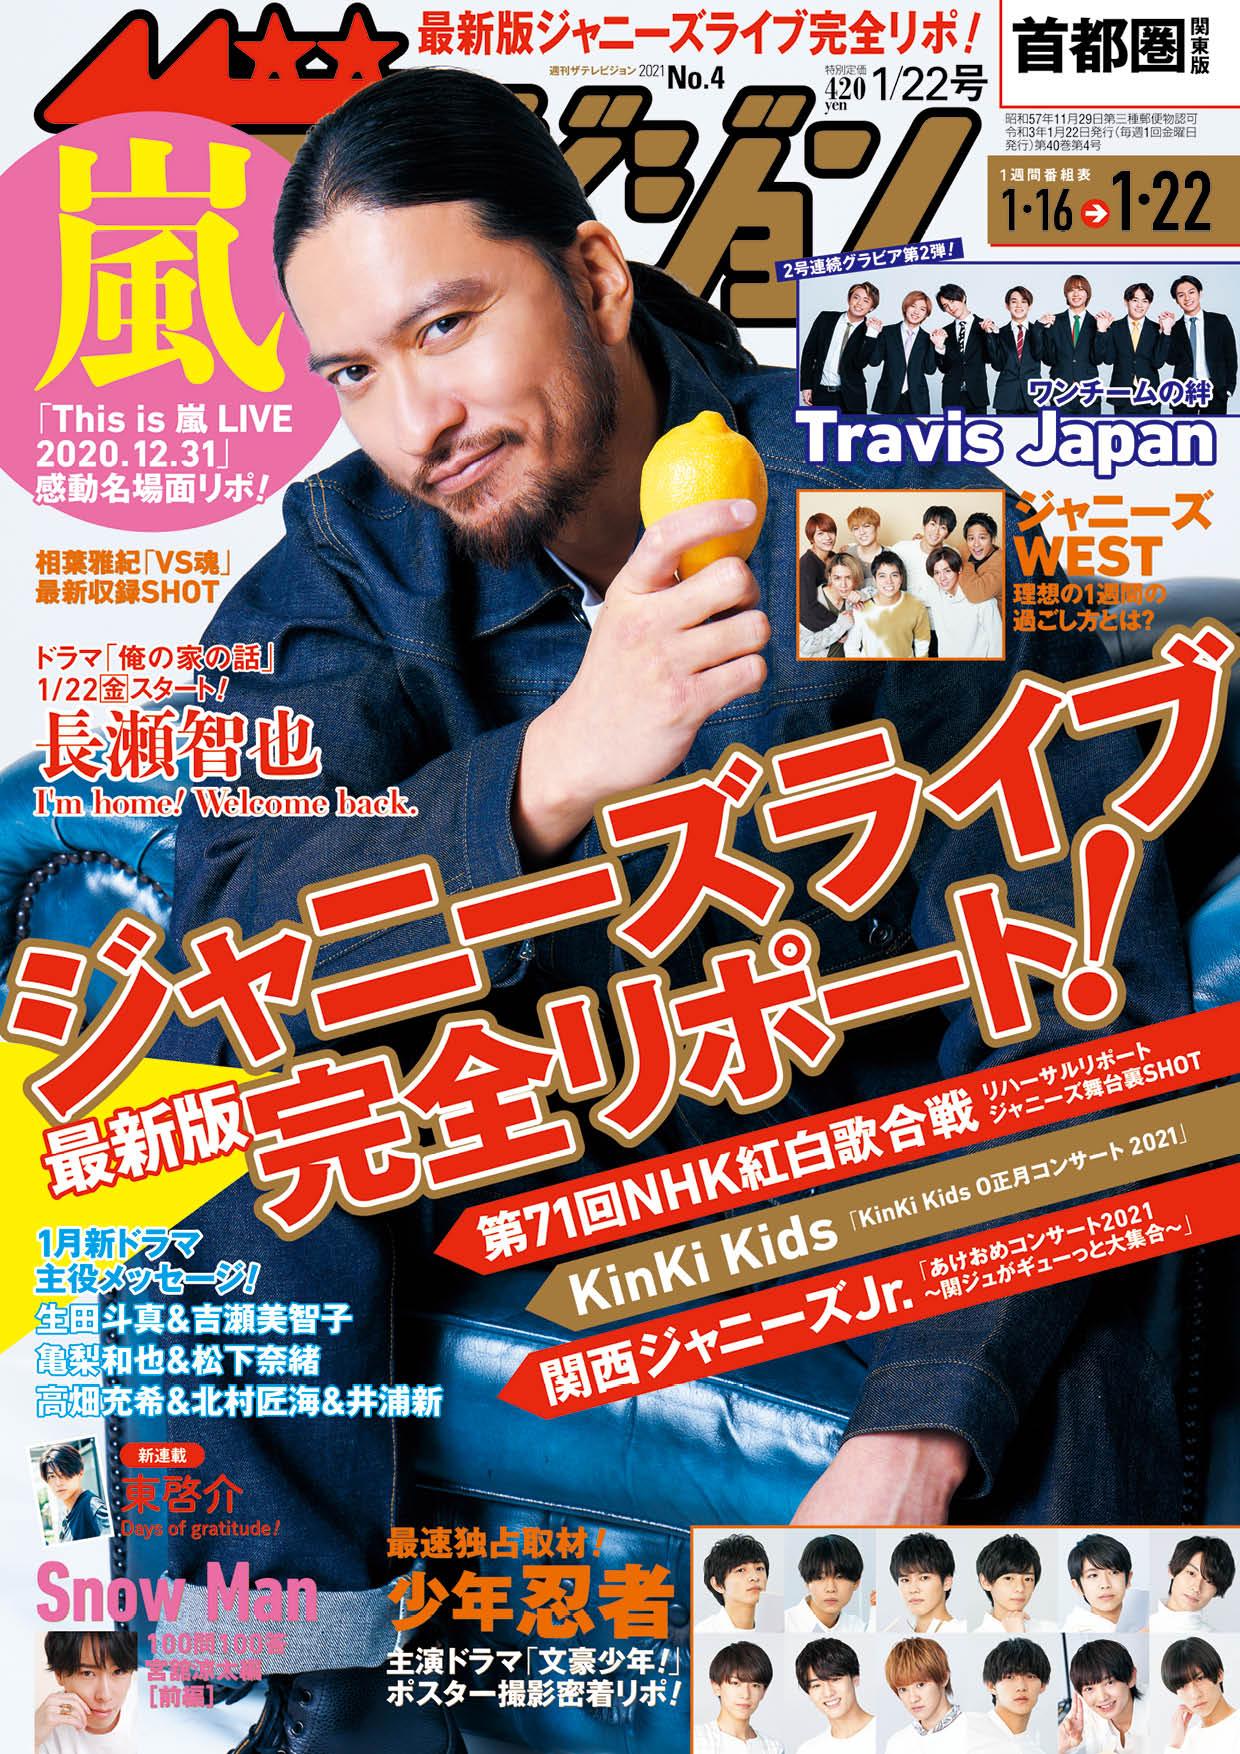 ザテレビジョン 首都圏関東版 2021年1/22号 420円